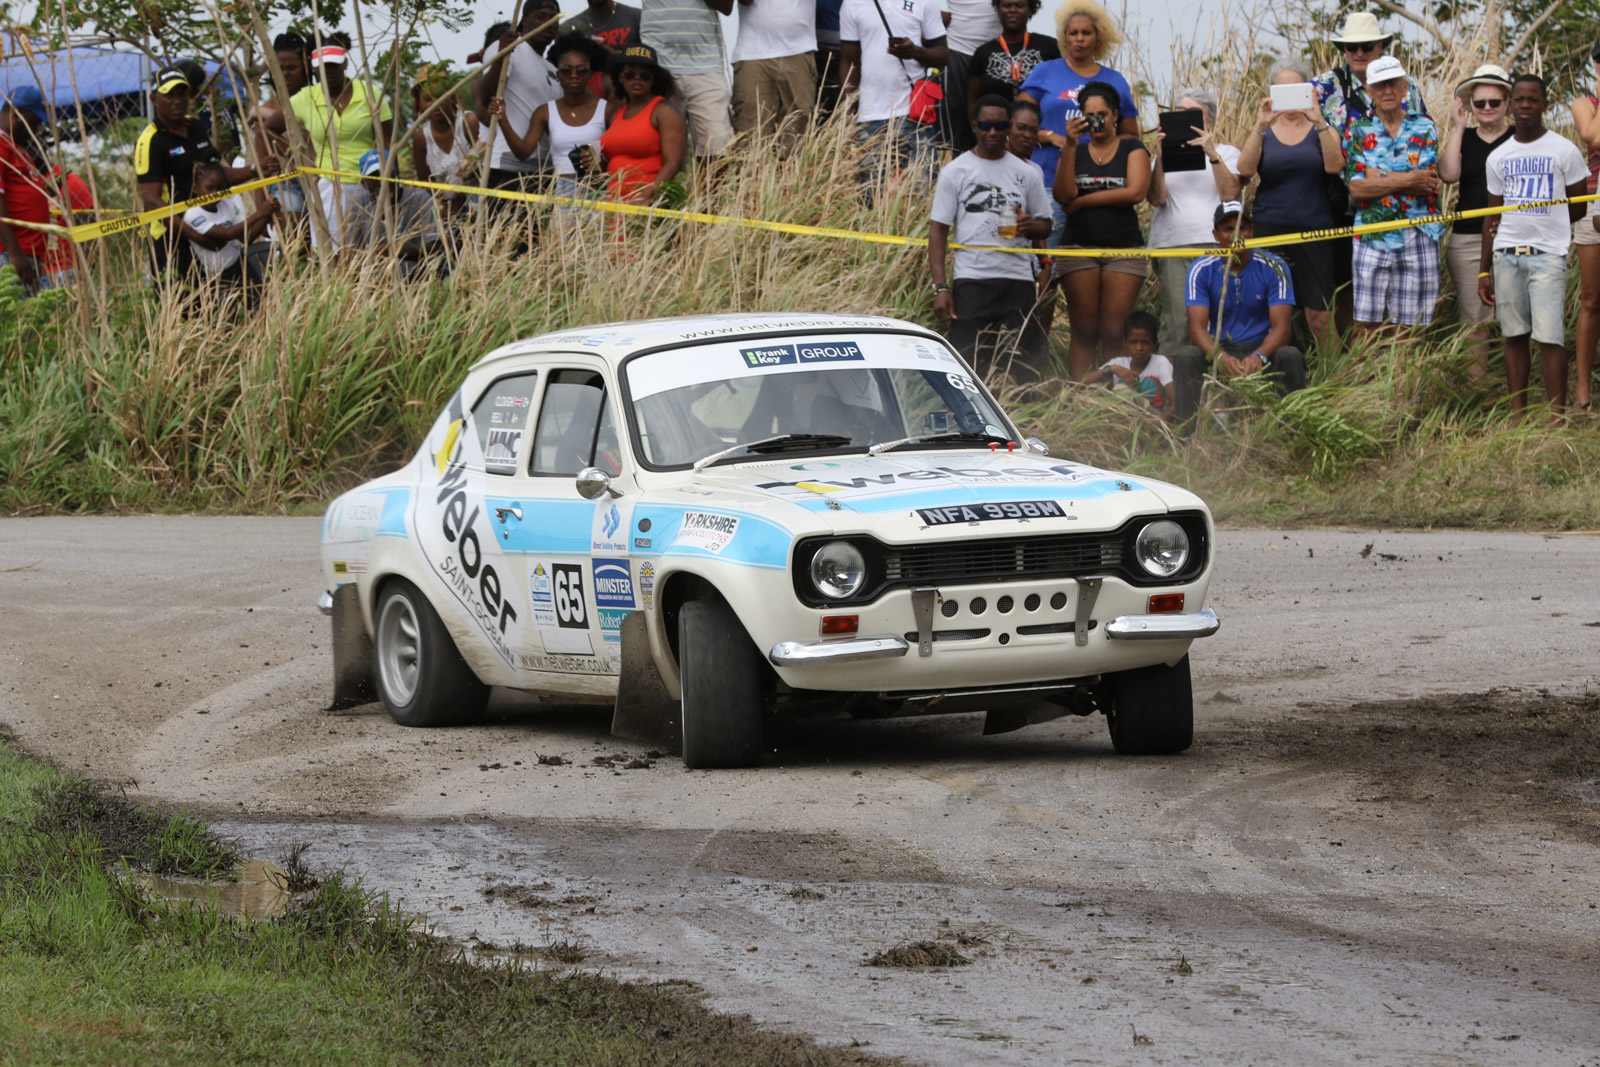 Barbados escort services